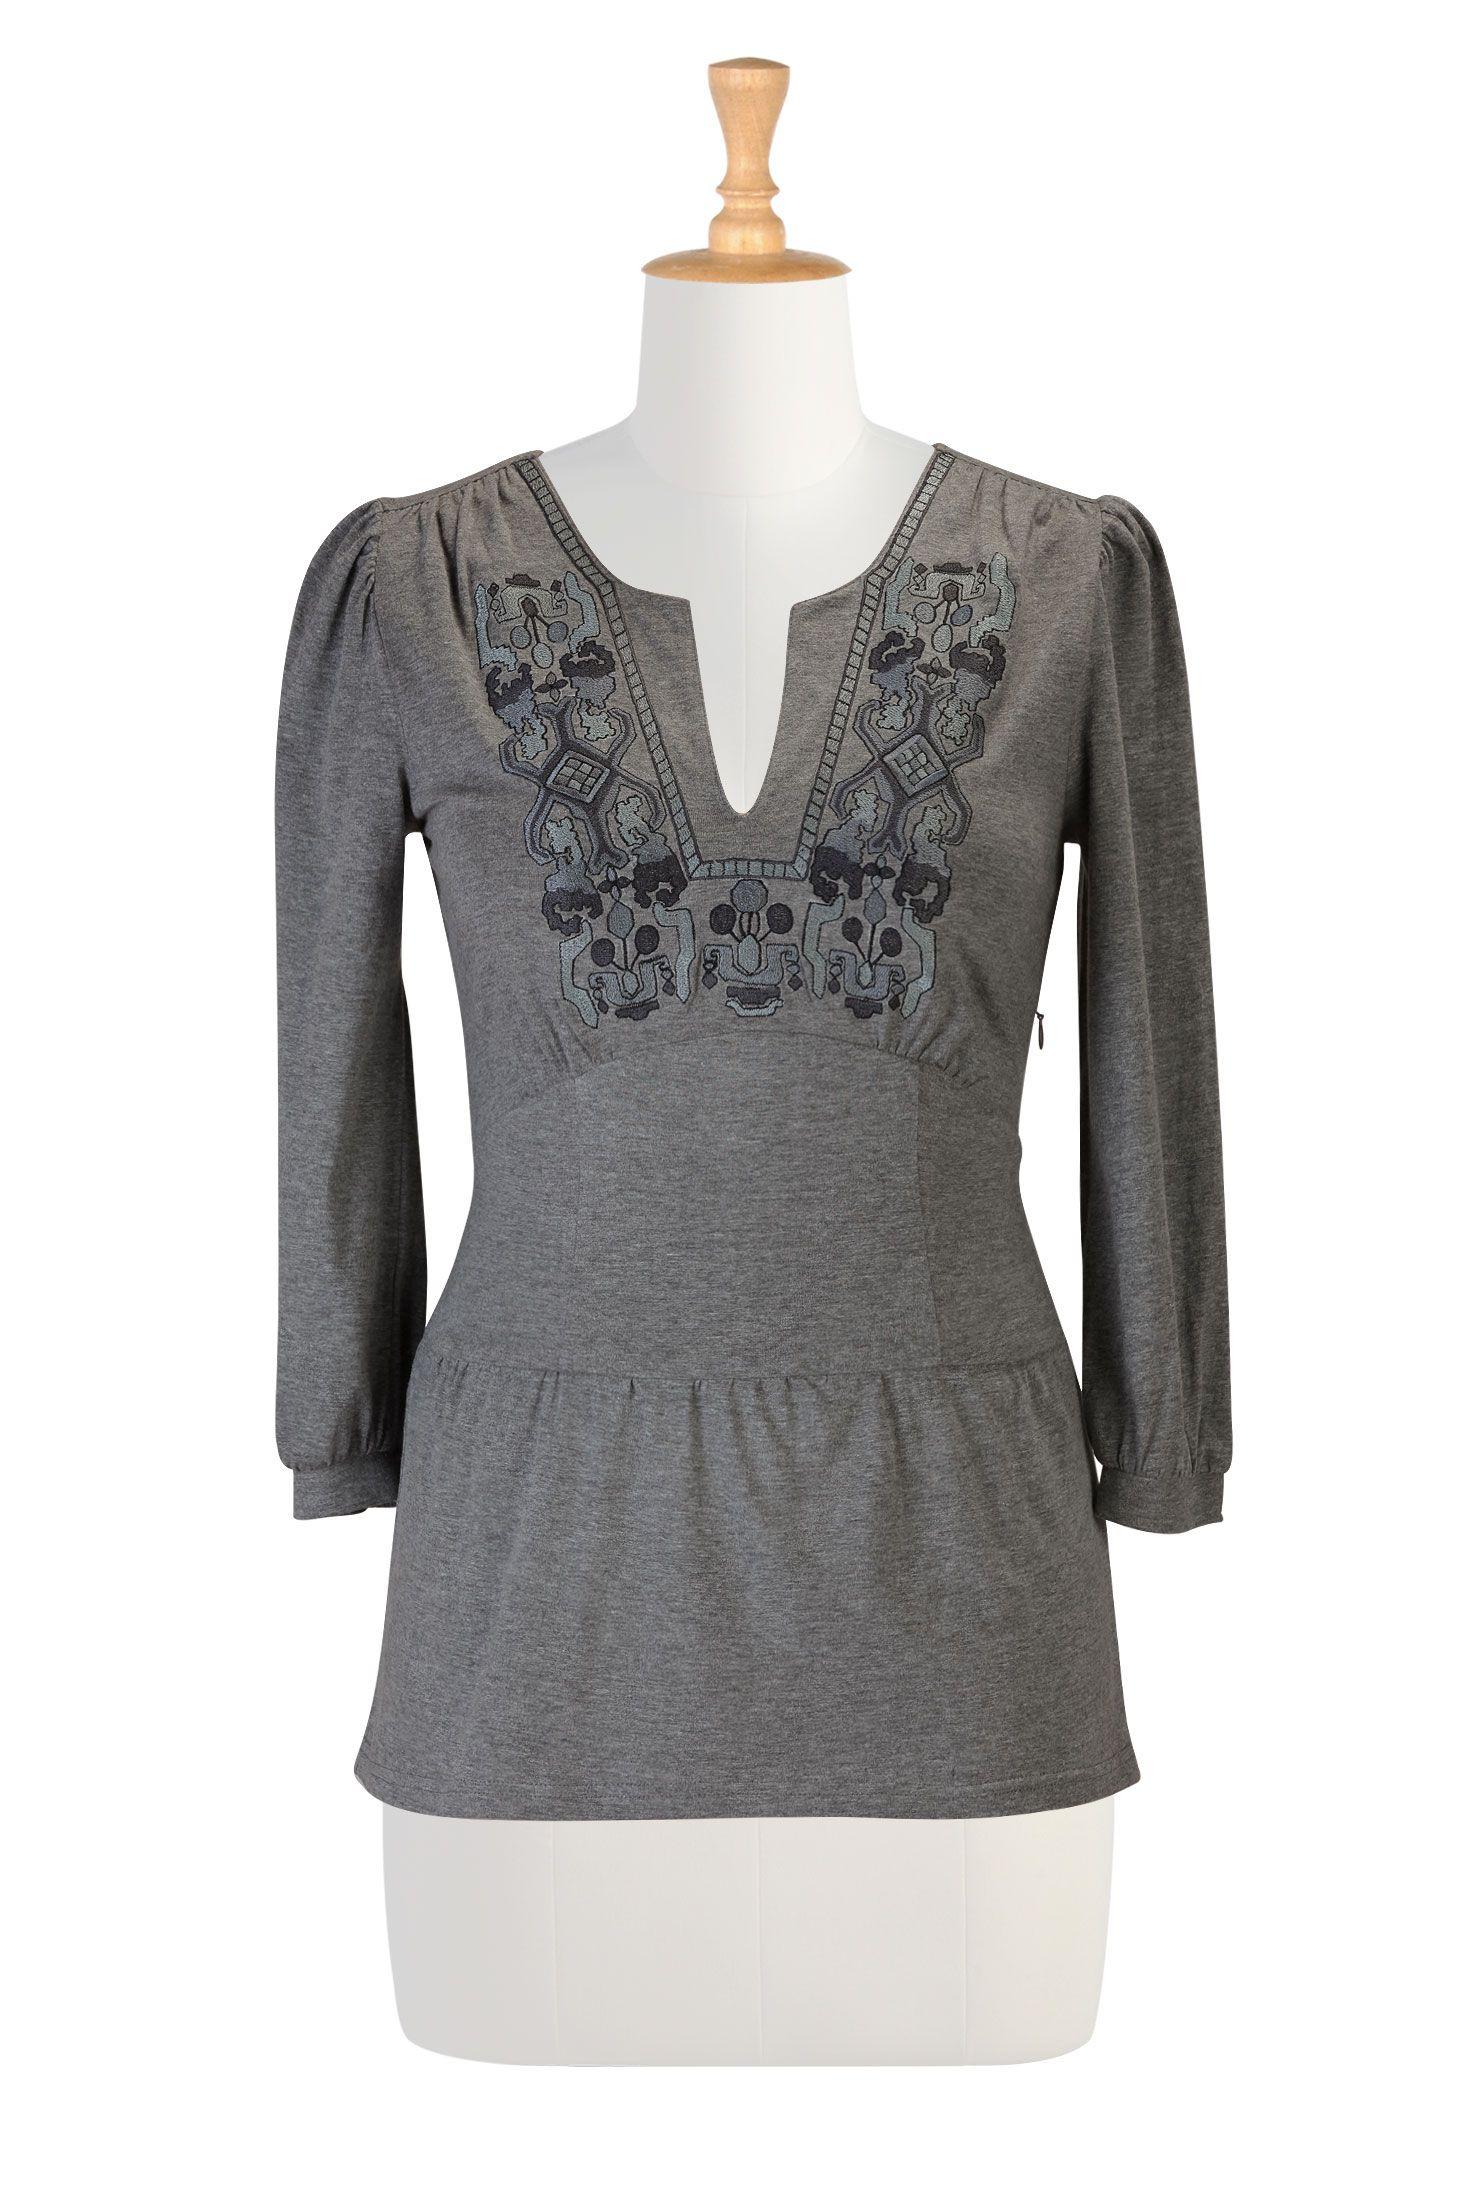 058603c7e75 Womens designer clothing - Shop favorite Tops